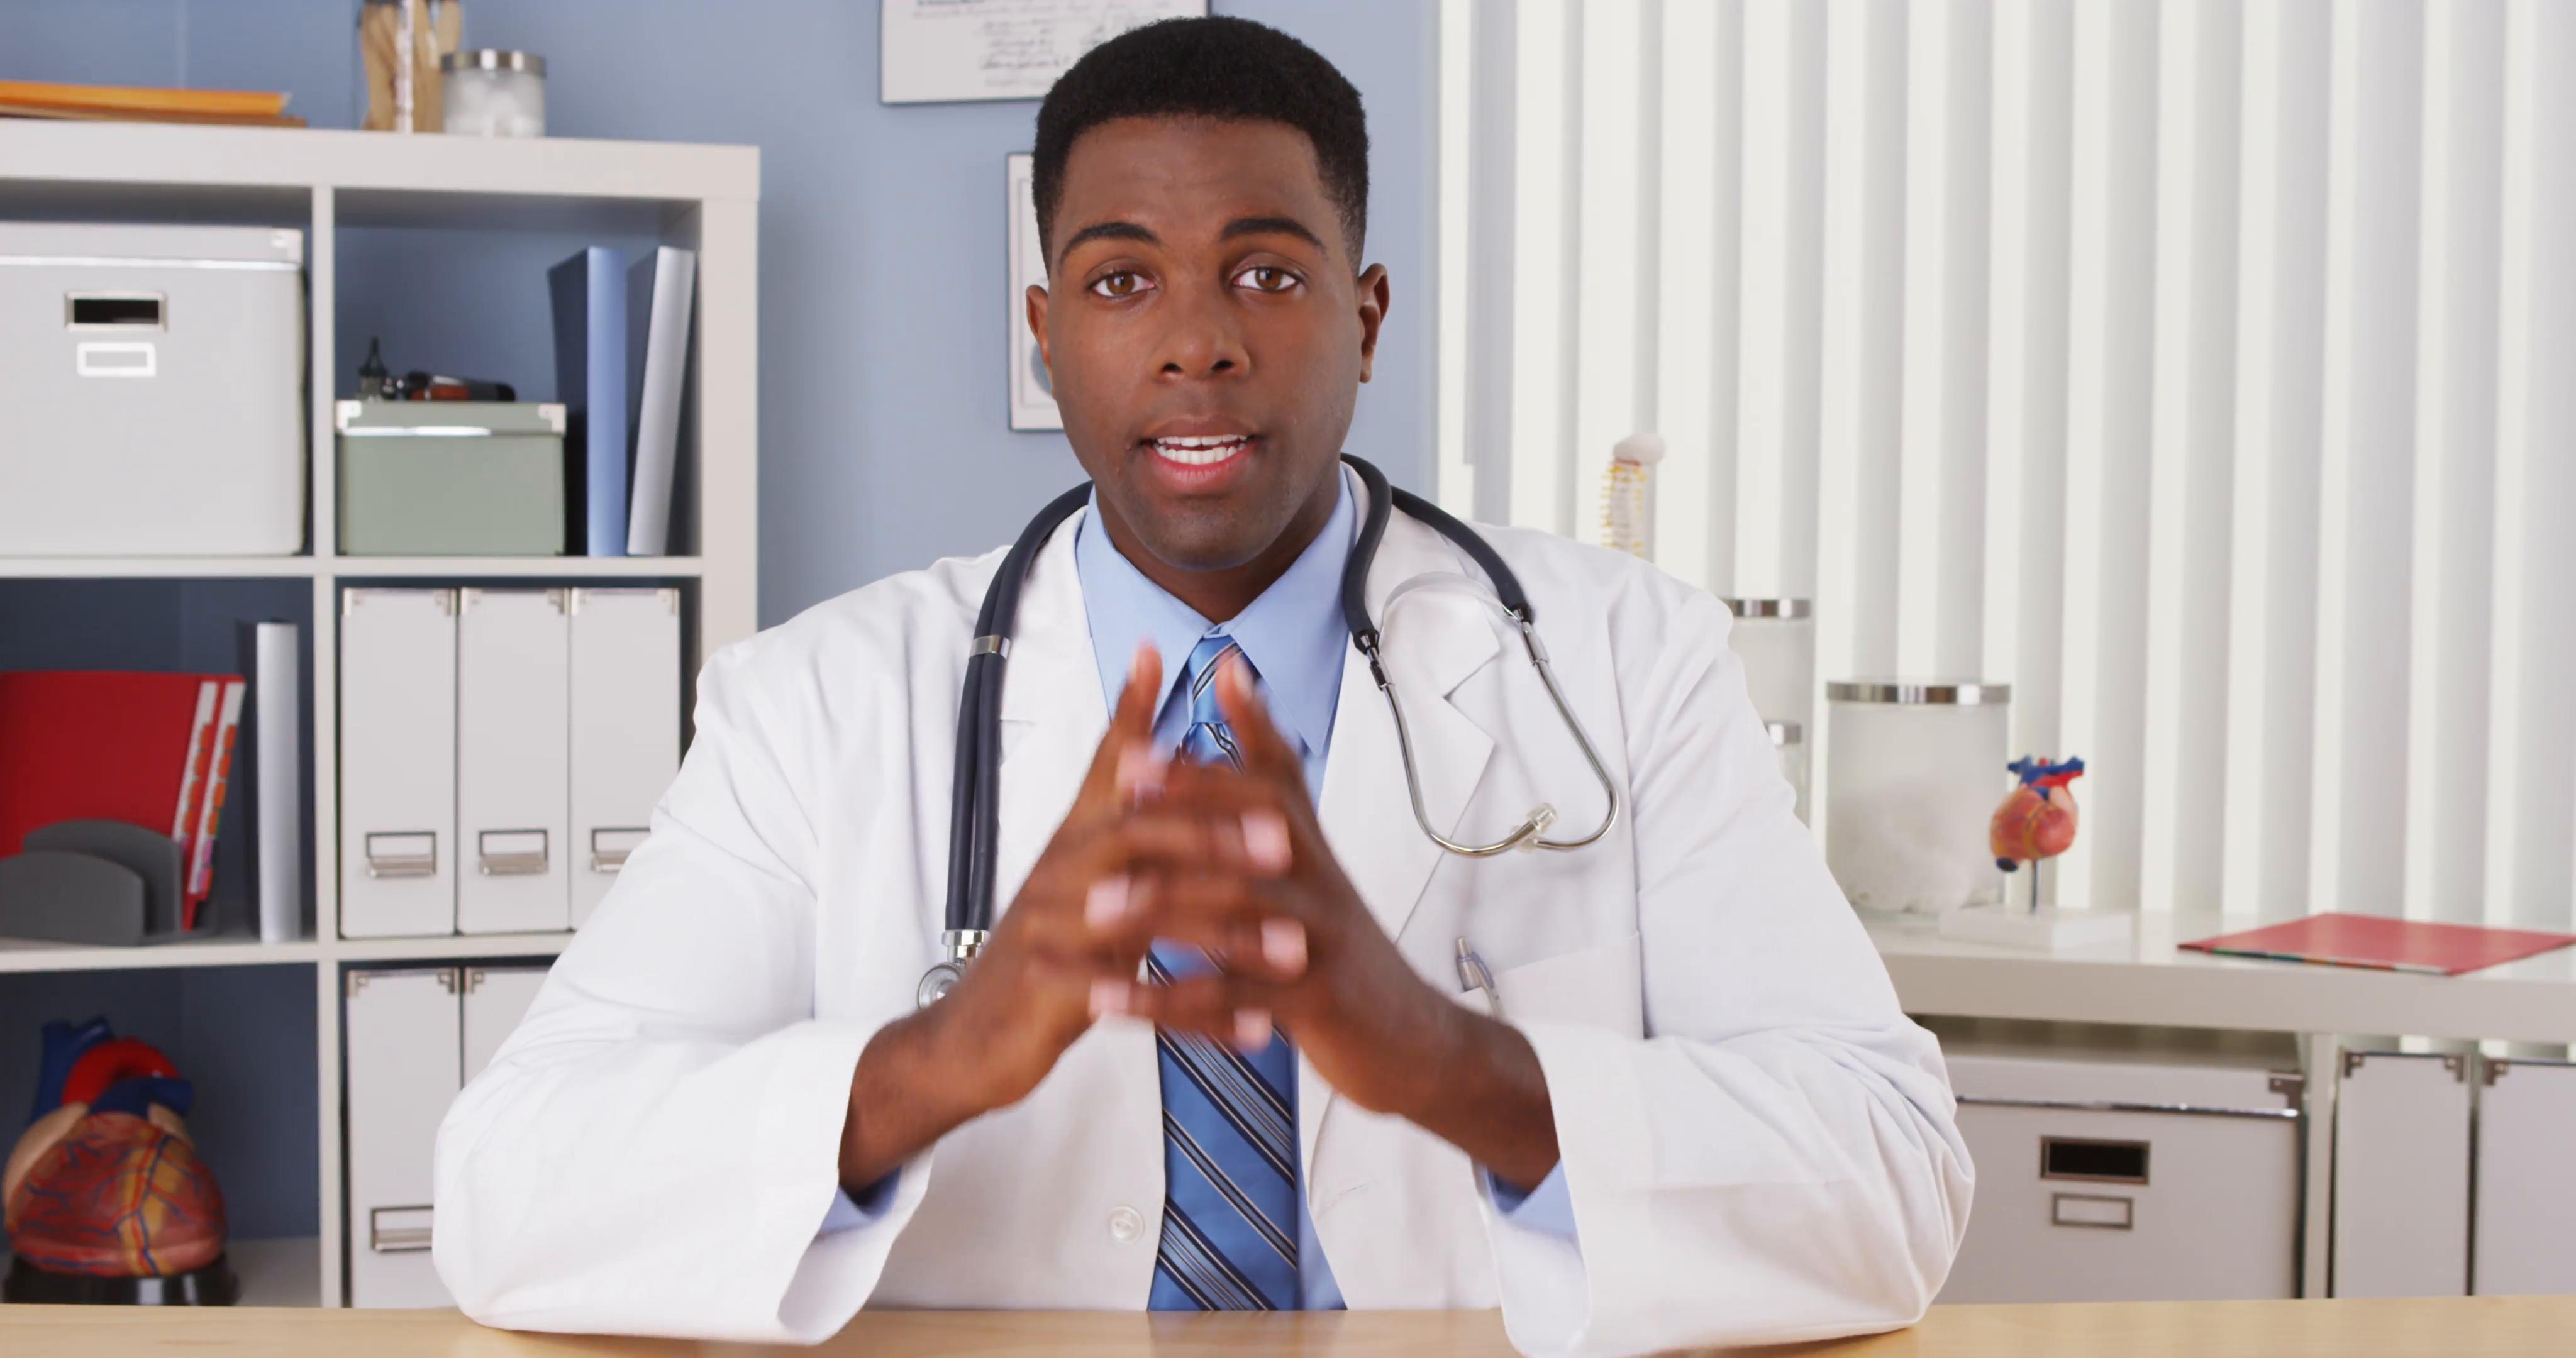 Image result for doctor talking